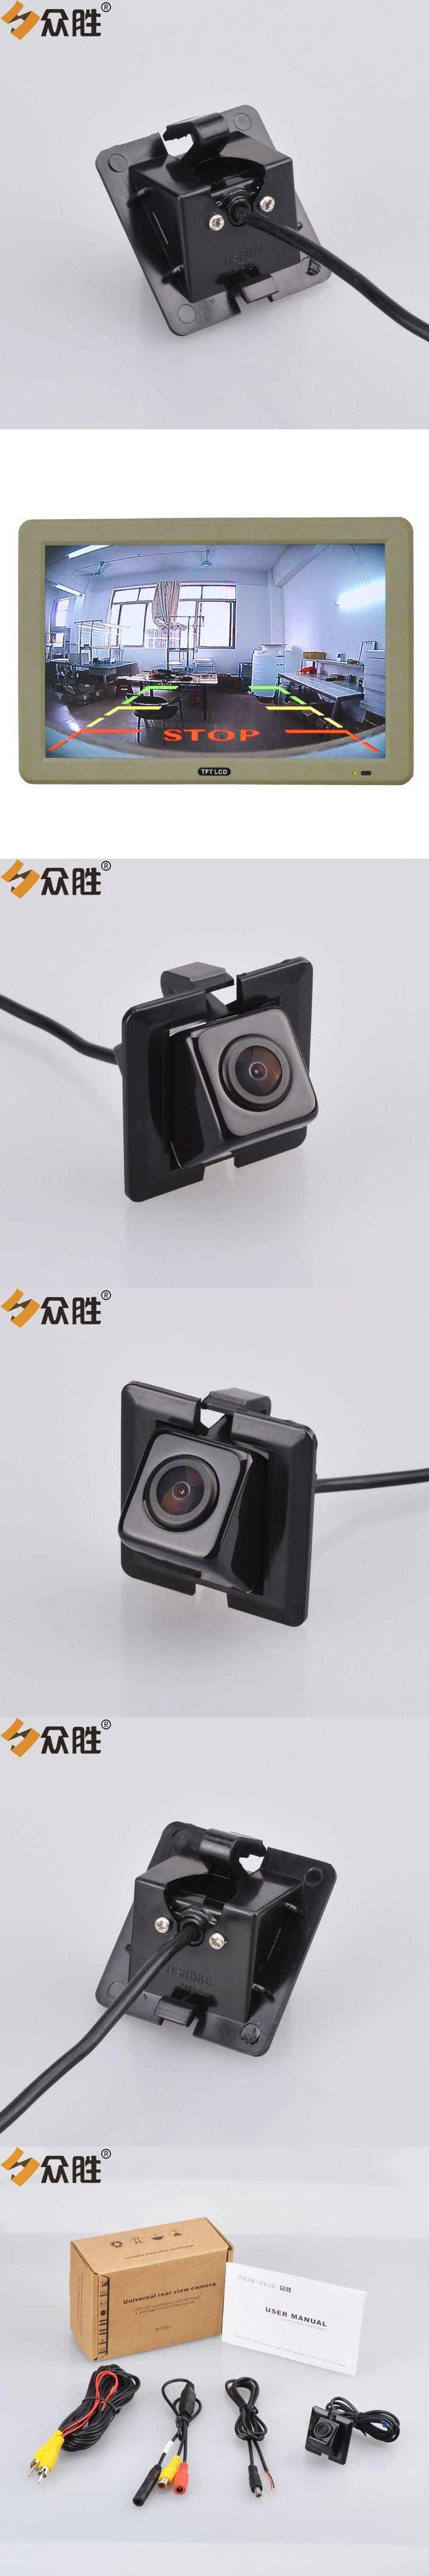 Car Rear View Camera for Toyota Land Cruiser Prado TX 2010-2016 Car Reverse Parking Rearview Camera Auto Backup Cam HS8086SMT